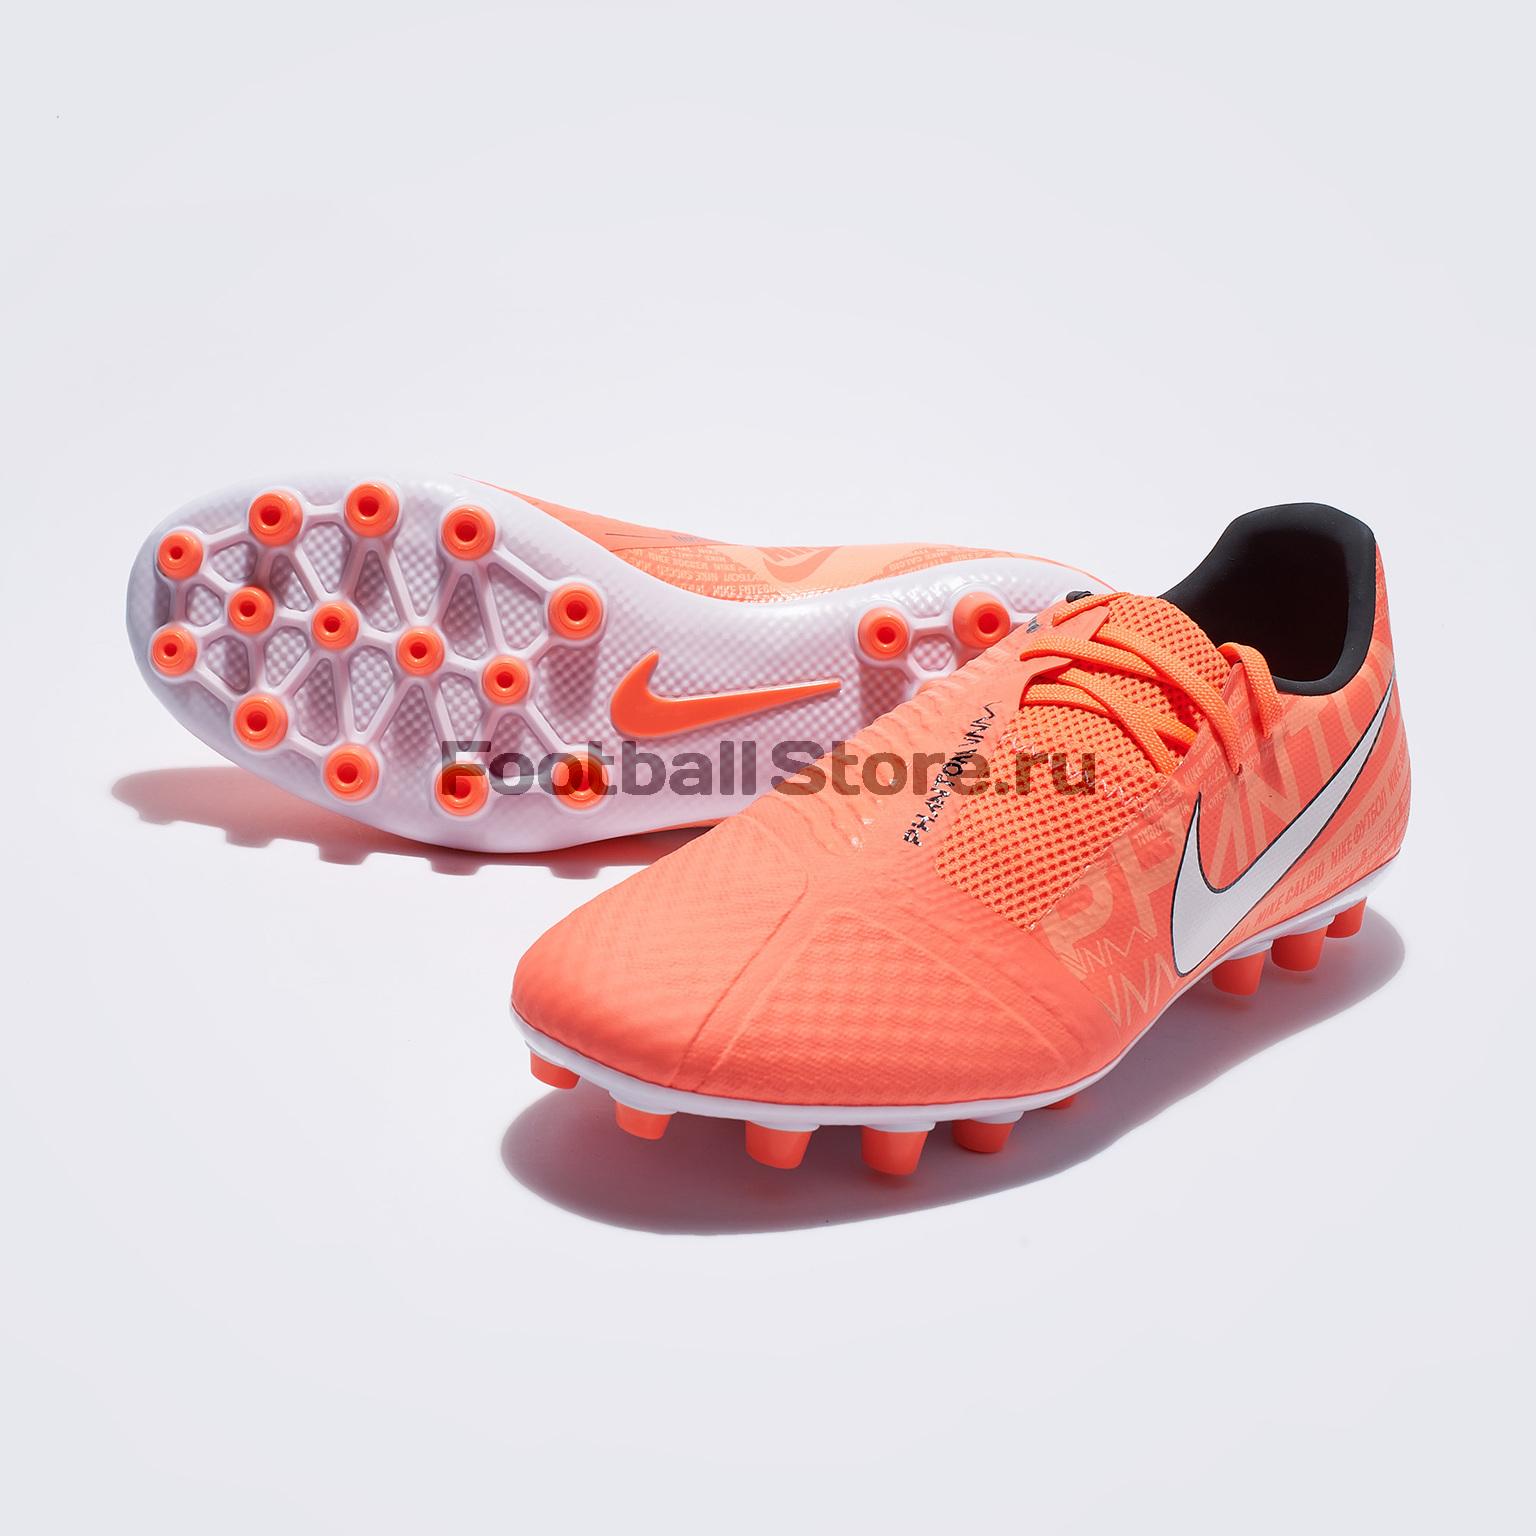 Бутсы Nike Phantom Venom Academy AG CK0410-810